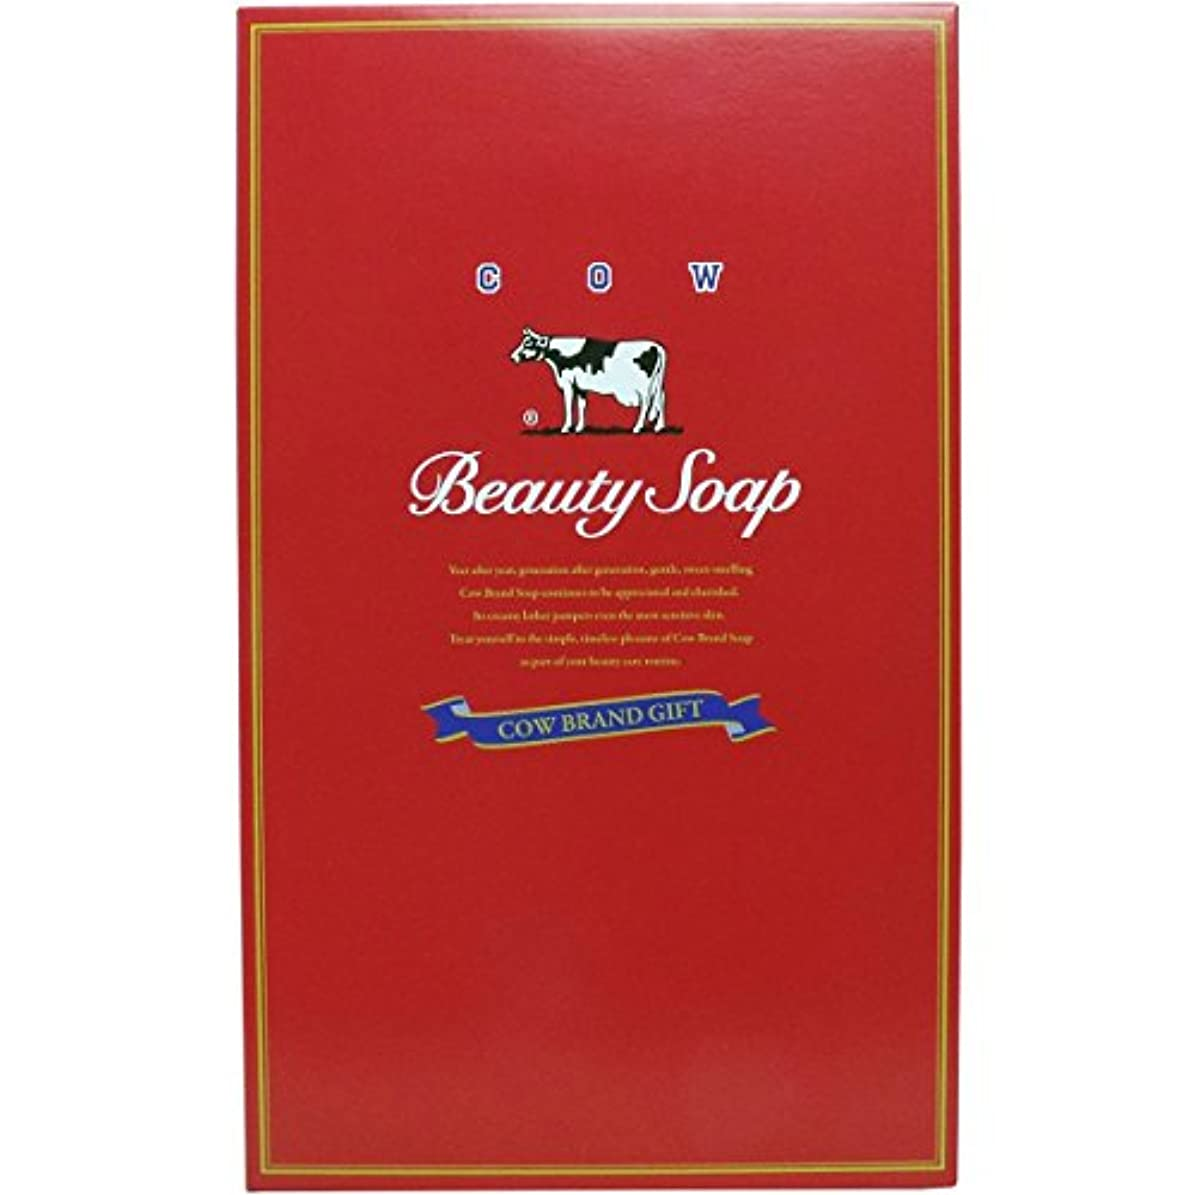 栄光の一元化するパッチ牛乳石鹸共進社 カウブランド石鹸 赤箱 100g×10個×3箱